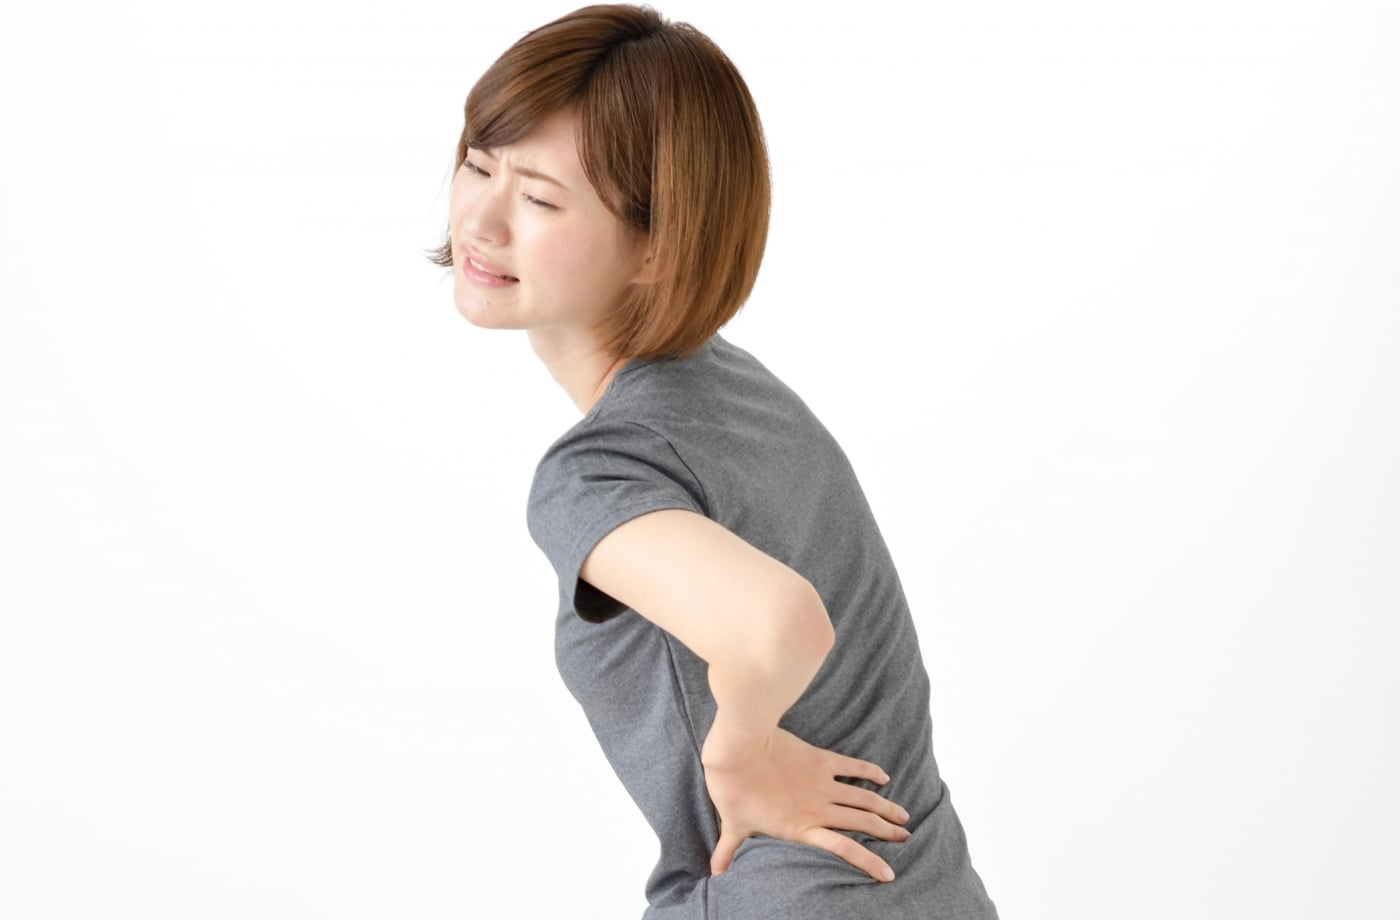 【2020最新】テレワークの腰痛対策!高級イス・腰痛対策のまとめ